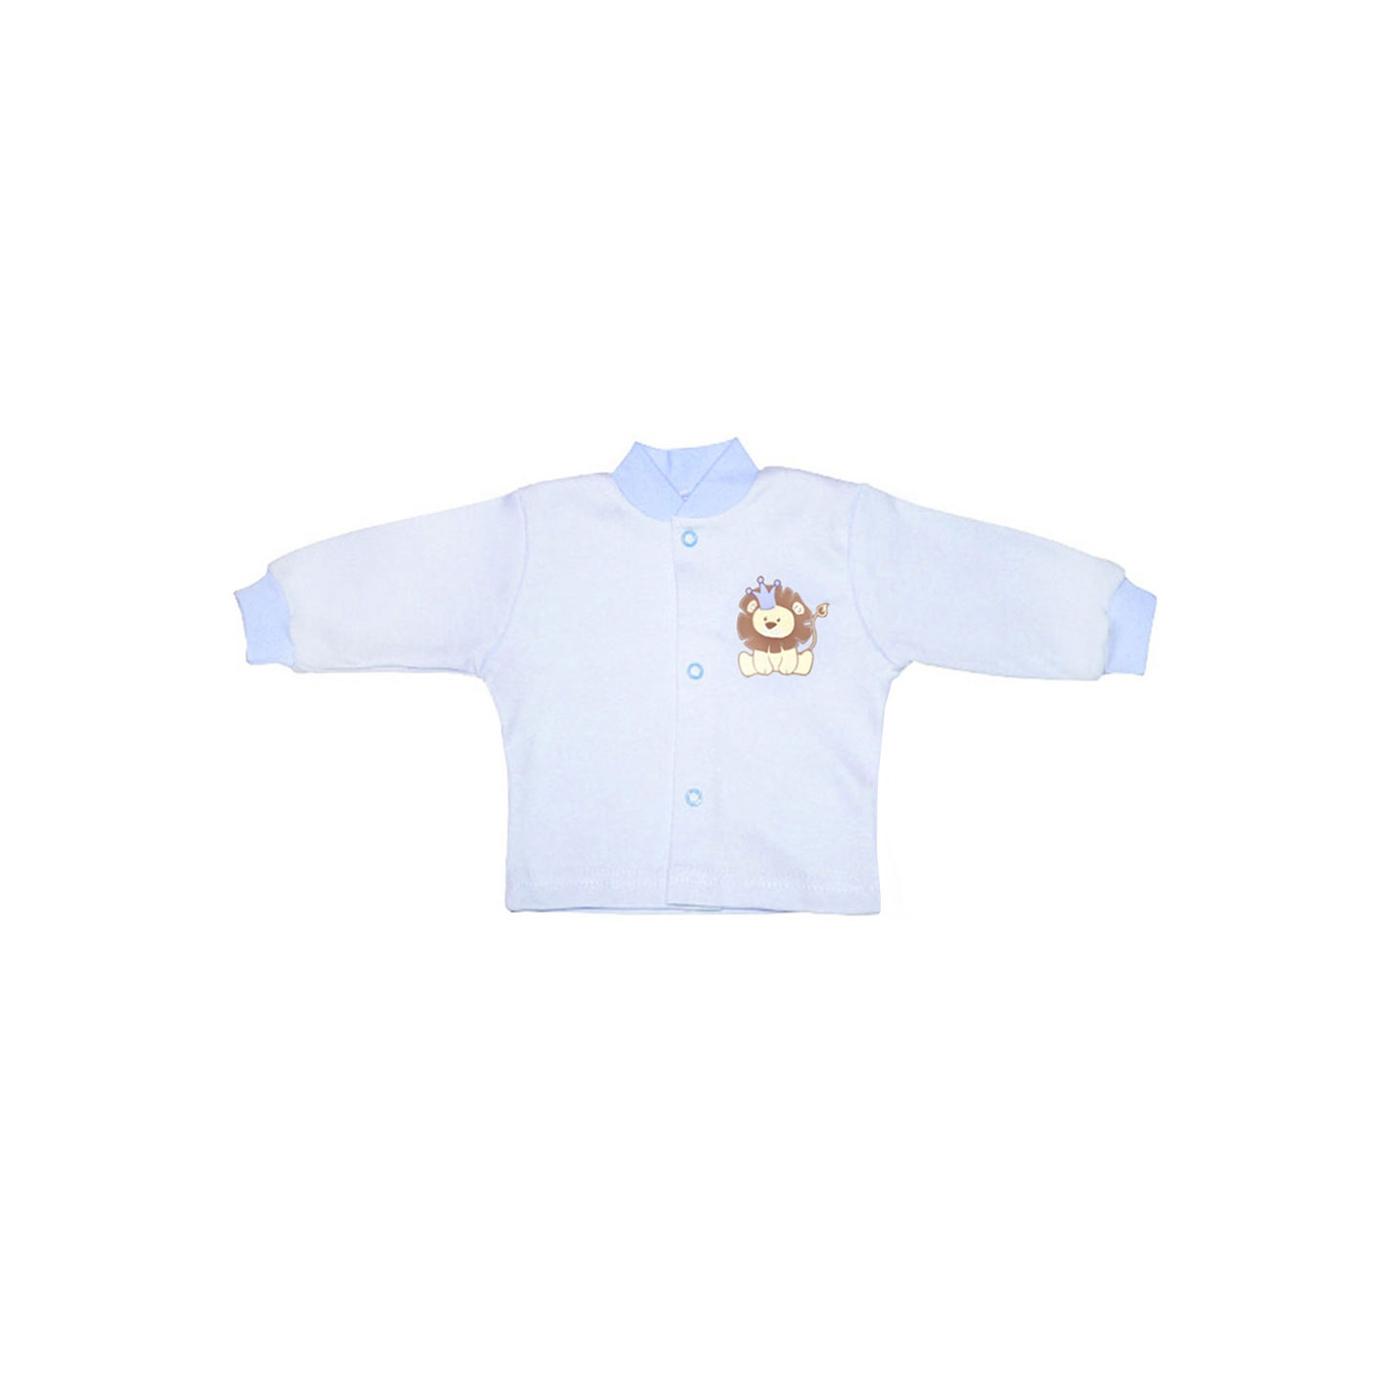 Кофточка КОТМАРКОТ для мальчика, цвет голубой 1 год (размер 86)<br>